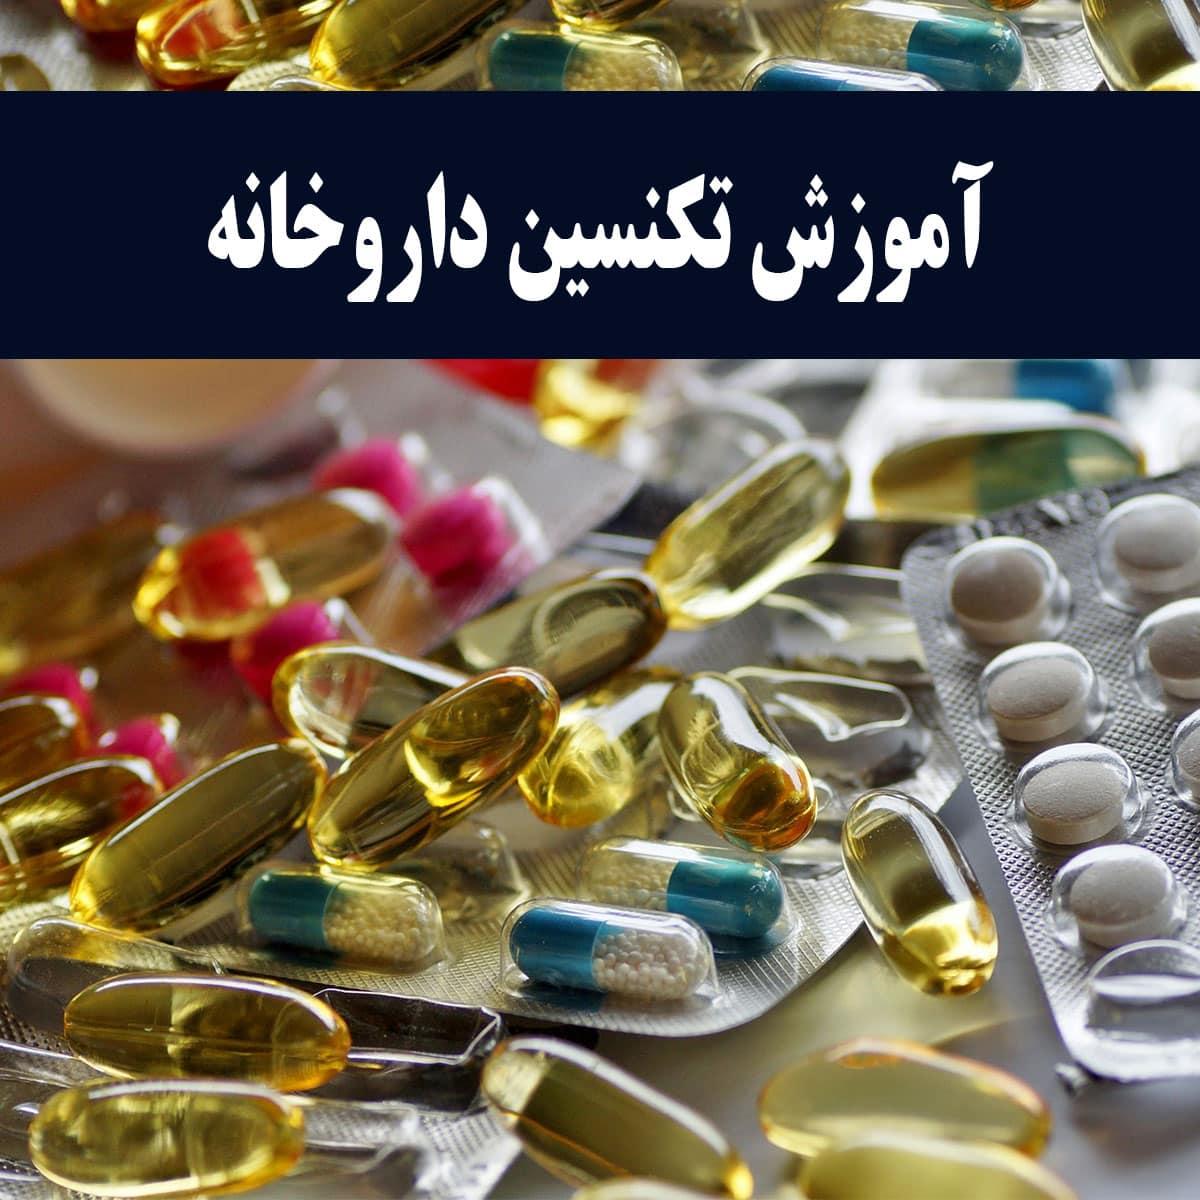 آموزش تکنسین داروخانه